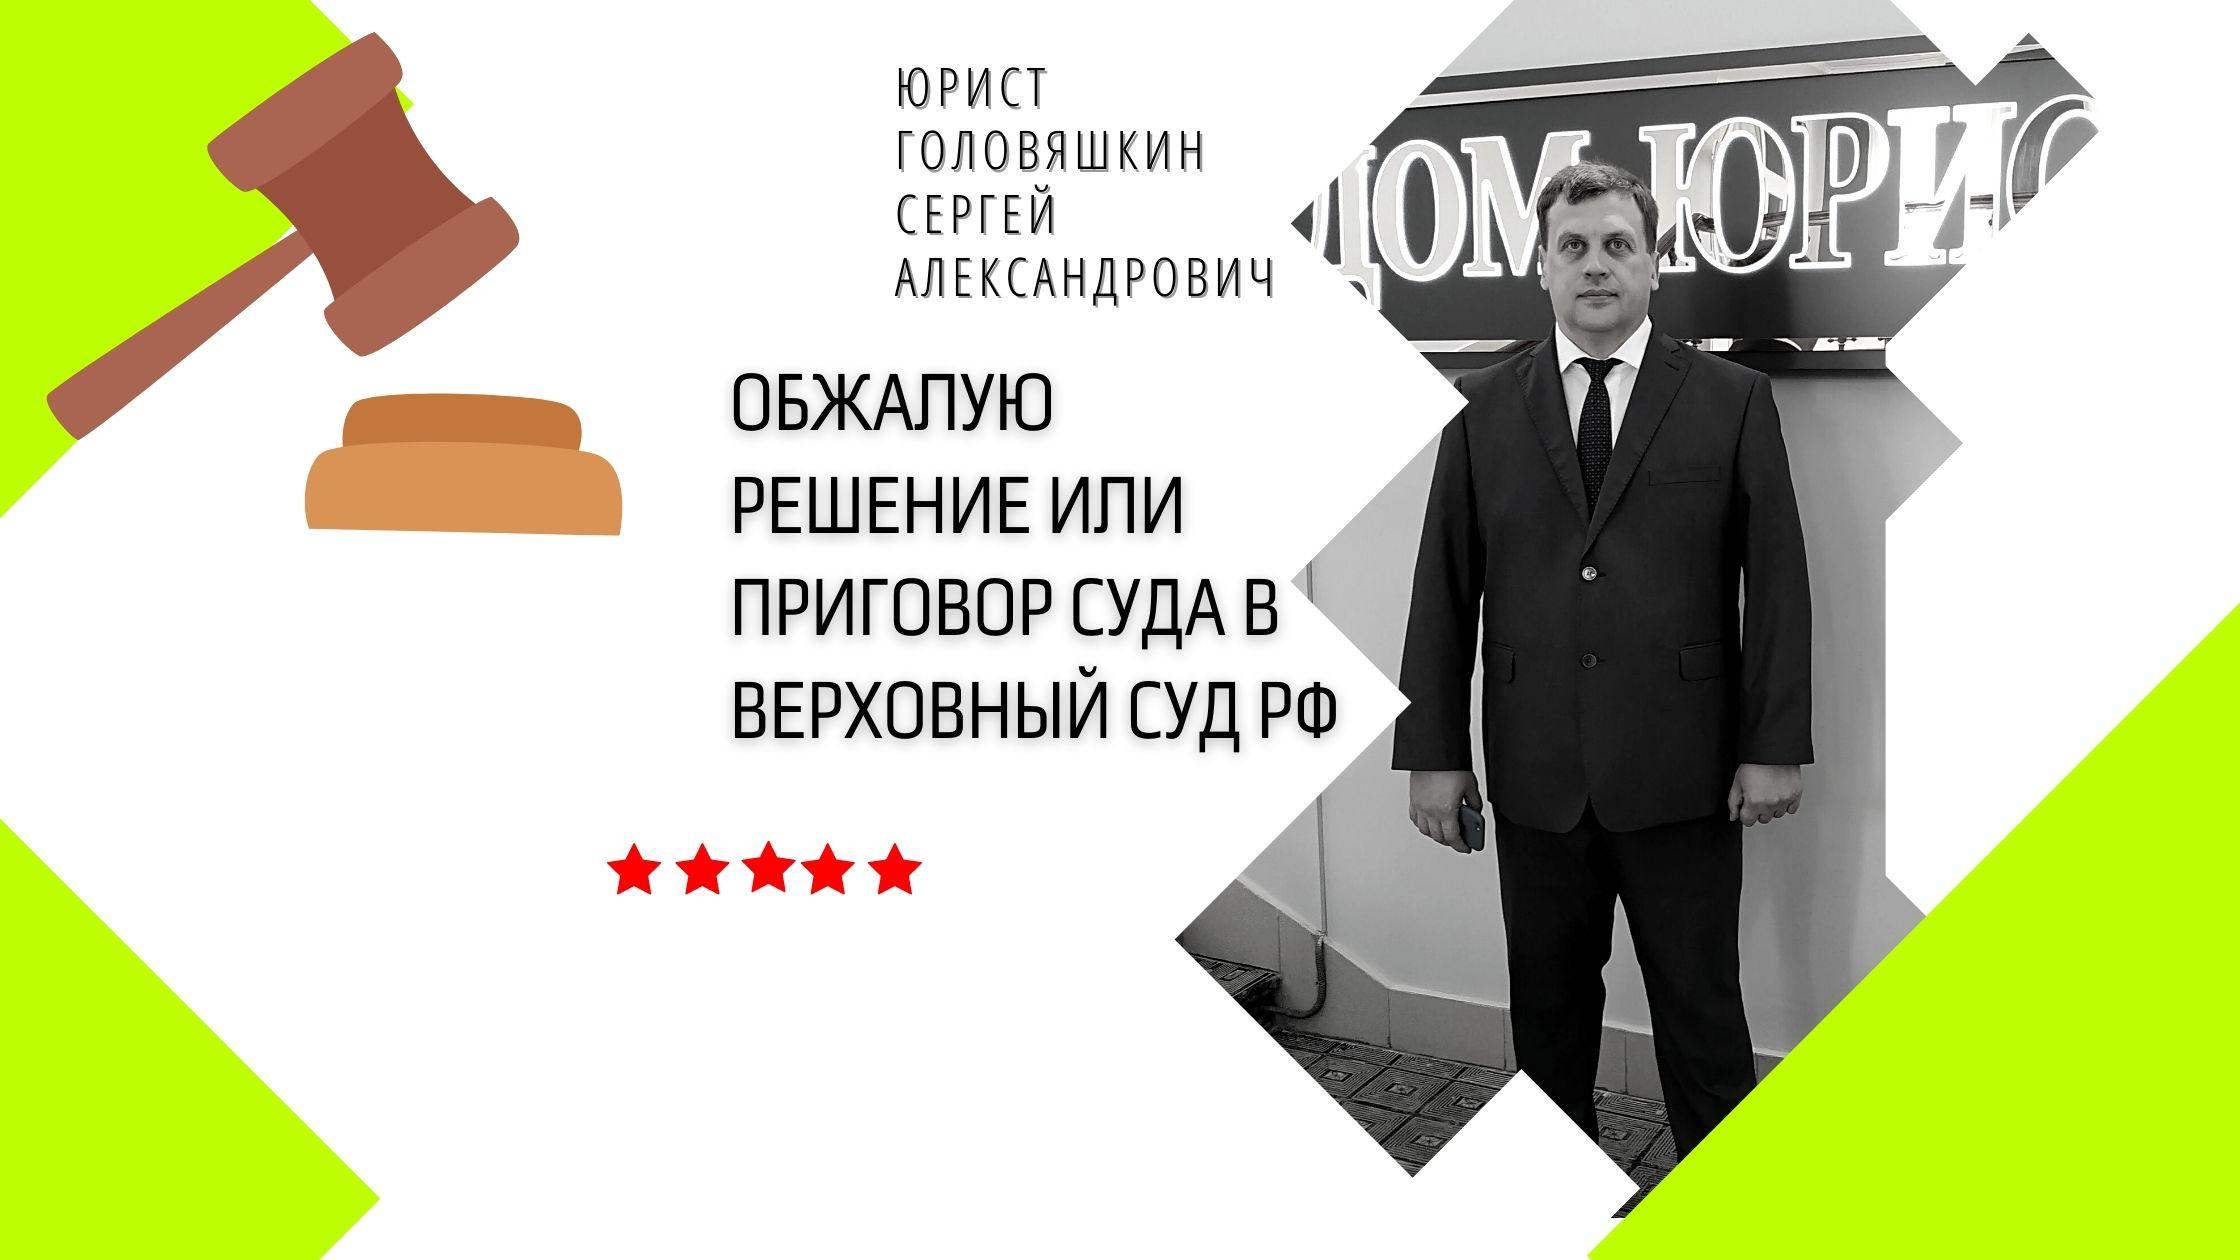 Обжалую решение или приговор суда в Верховный суд РФ